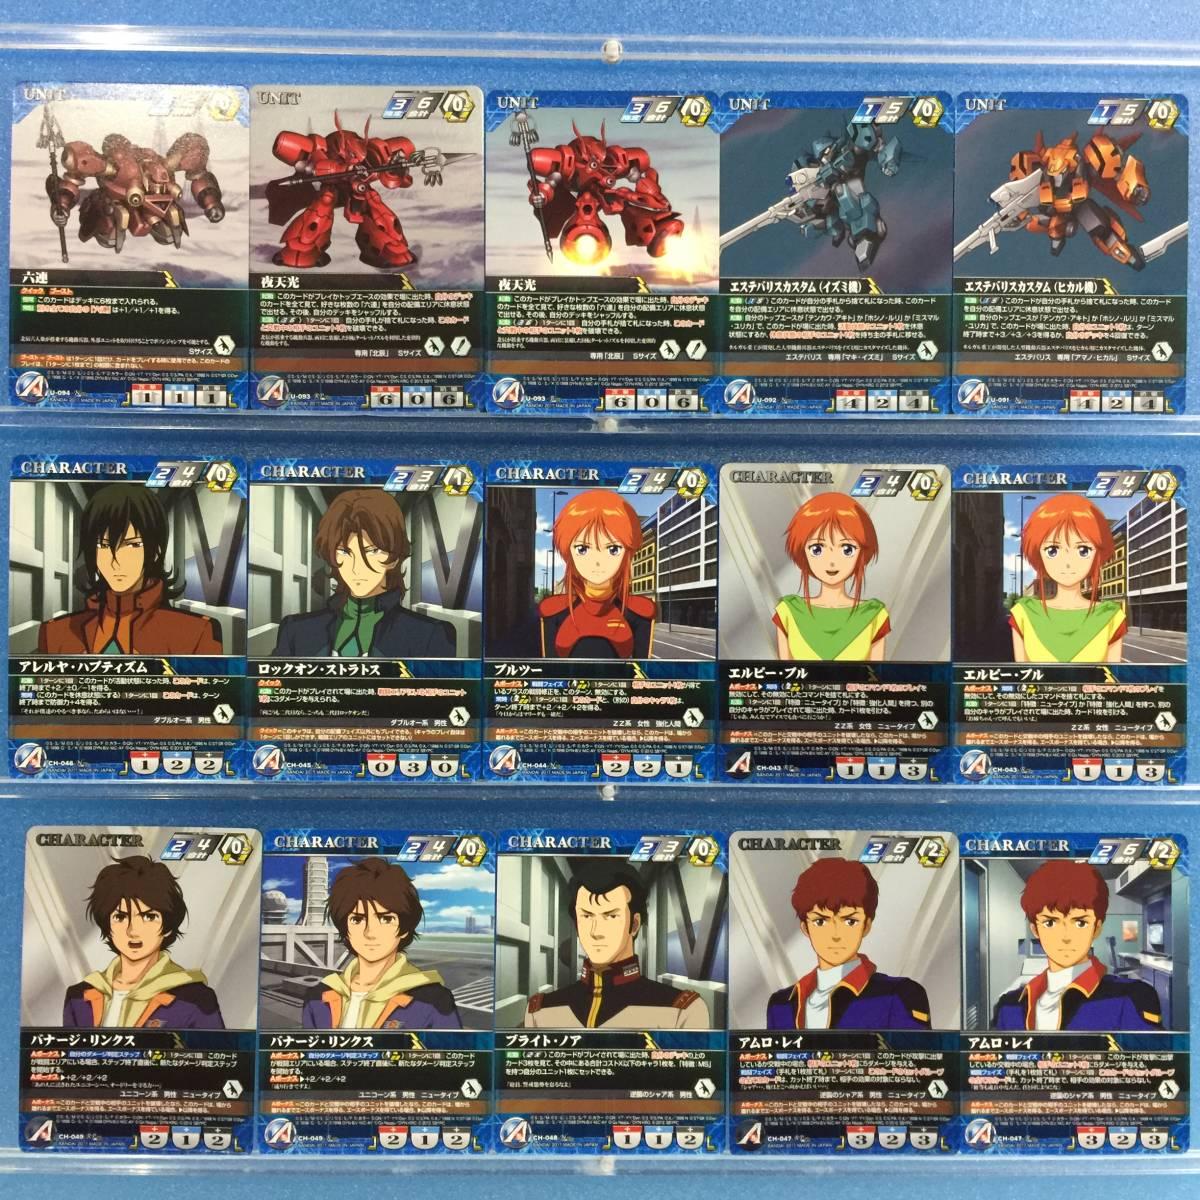 【Crusade】スーパーロボット大戦Vクルセイド 第2弾 ~果て無き激戦~(SRW-CB02) フルコンプ167枚 (全113種+パラレル54種)_画像4